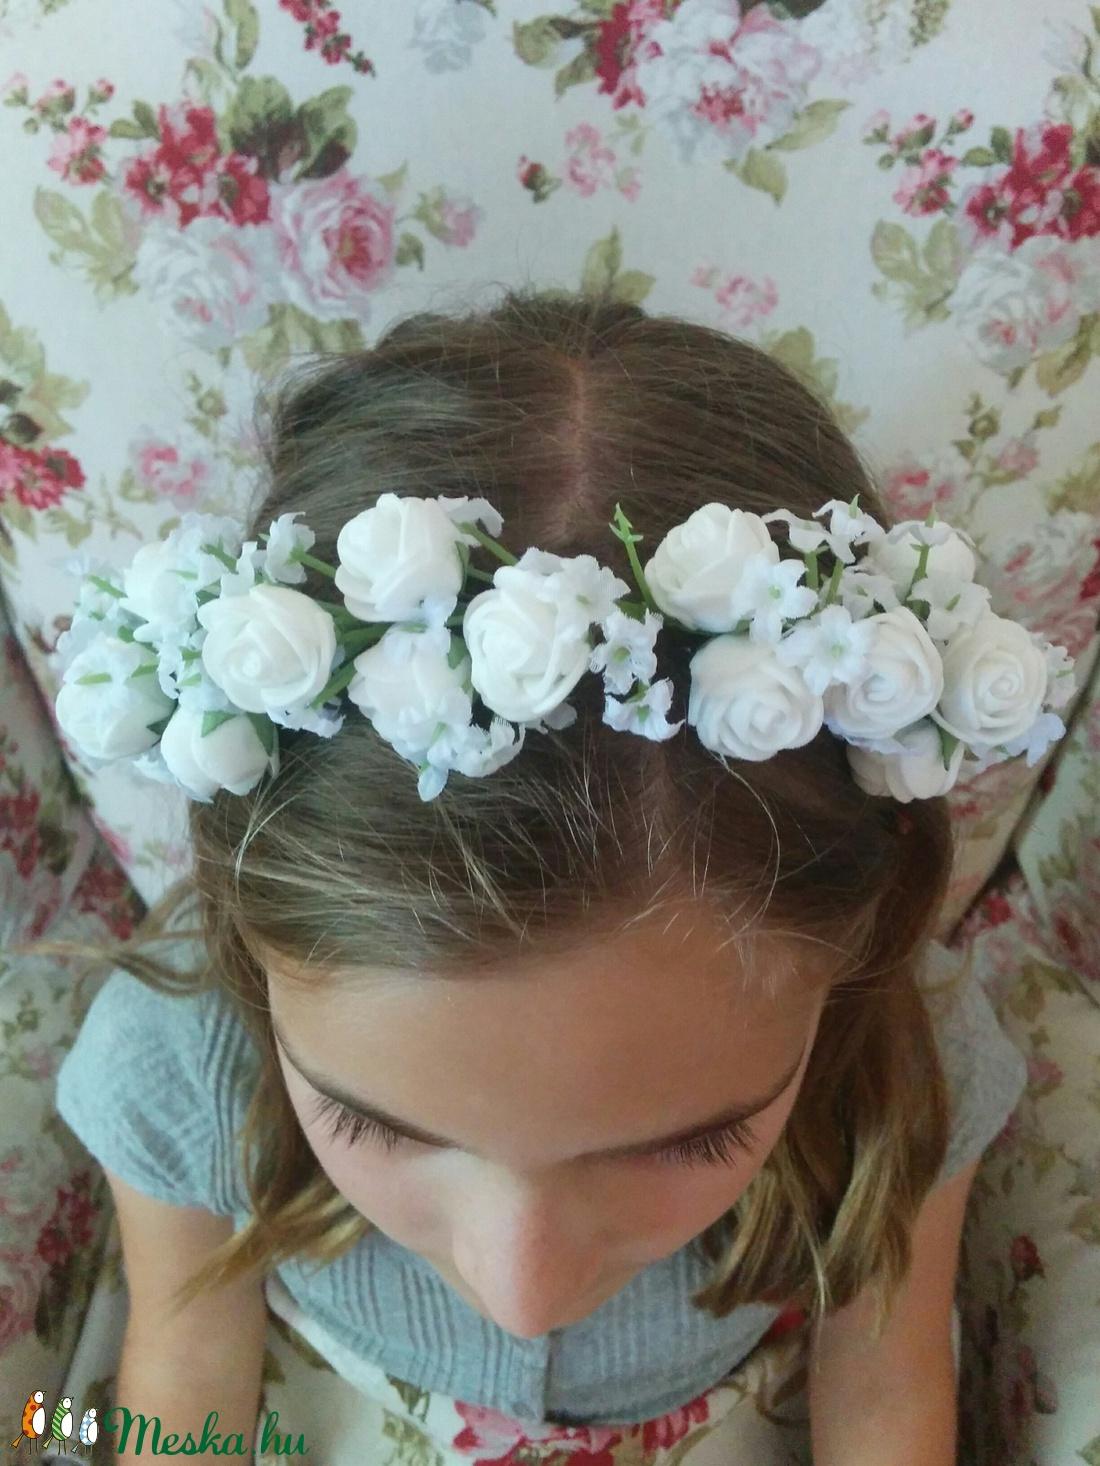 Hajpánt kislánynak - esküvő - hajdísz - hajpánt - Meska.hu